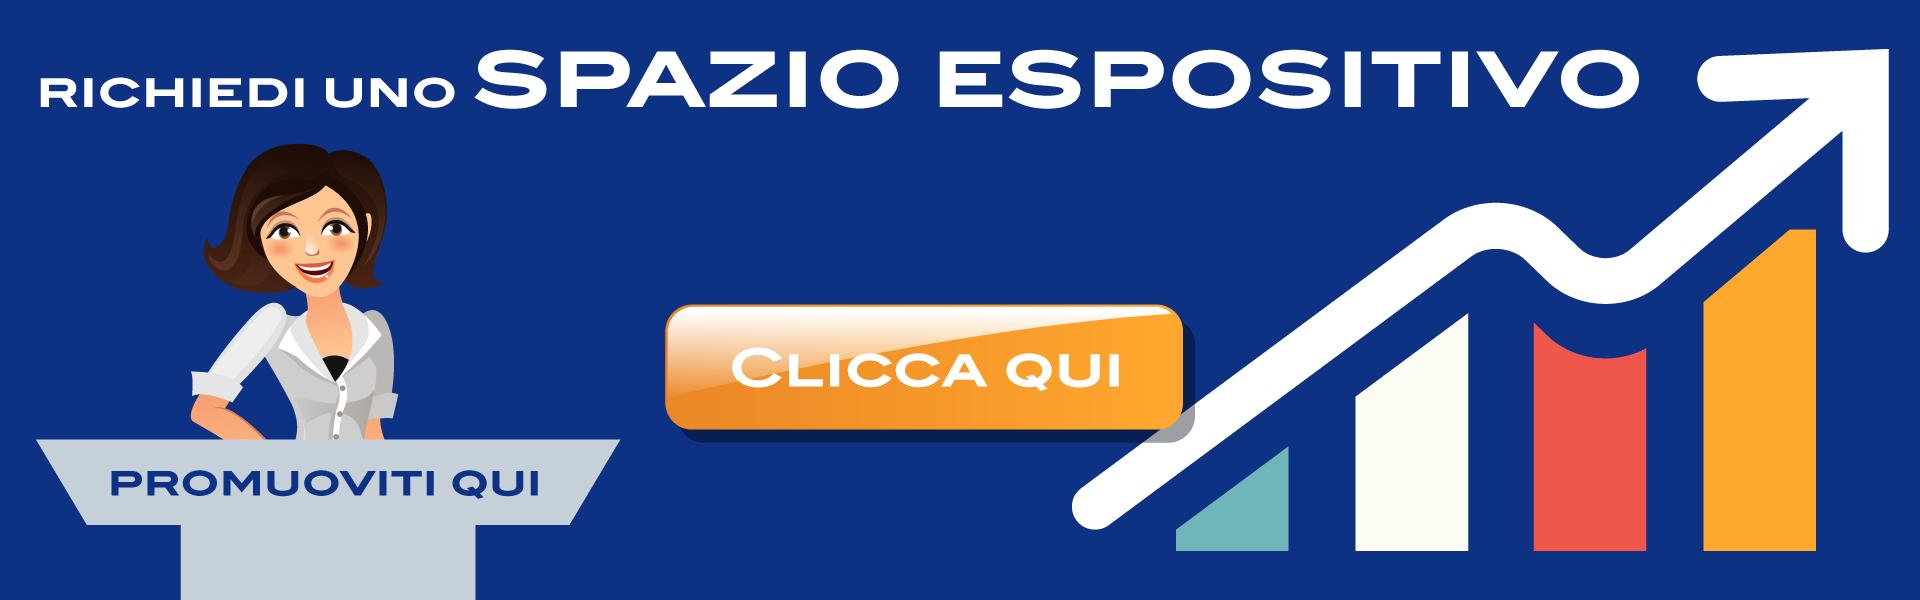 slider_spaziEspositivi